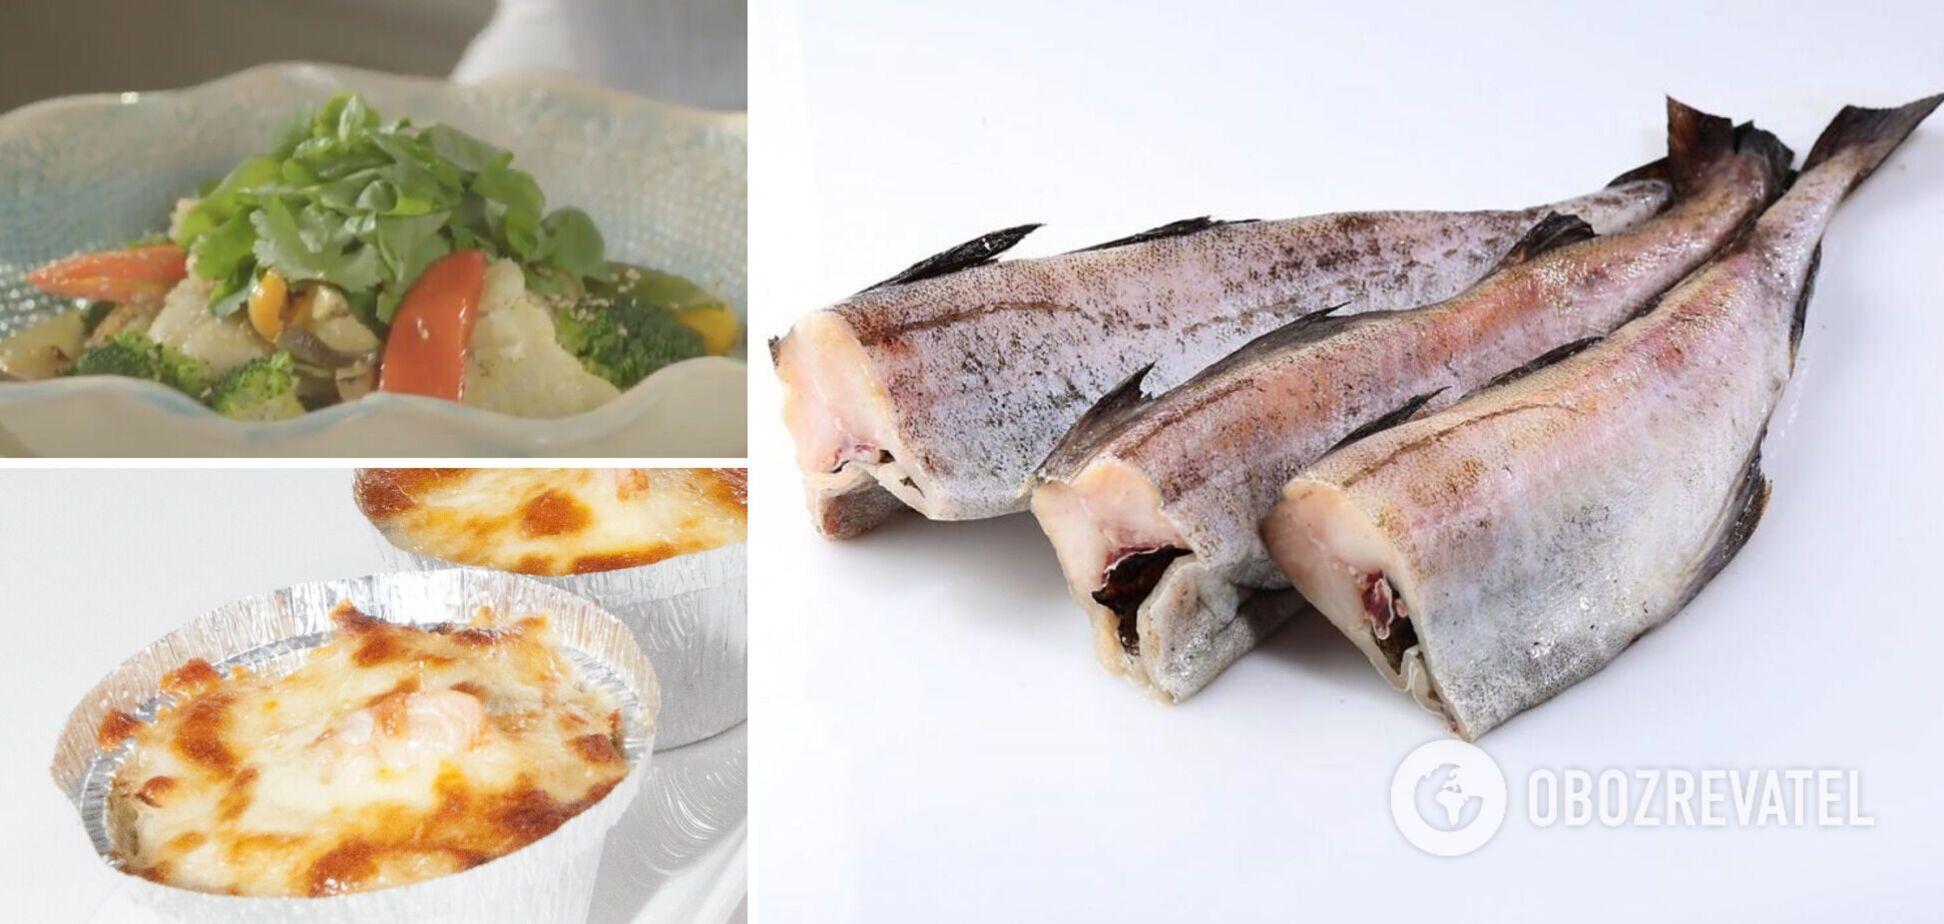 Рецепты из минтая: самая доступная рыба, которую недооценивают